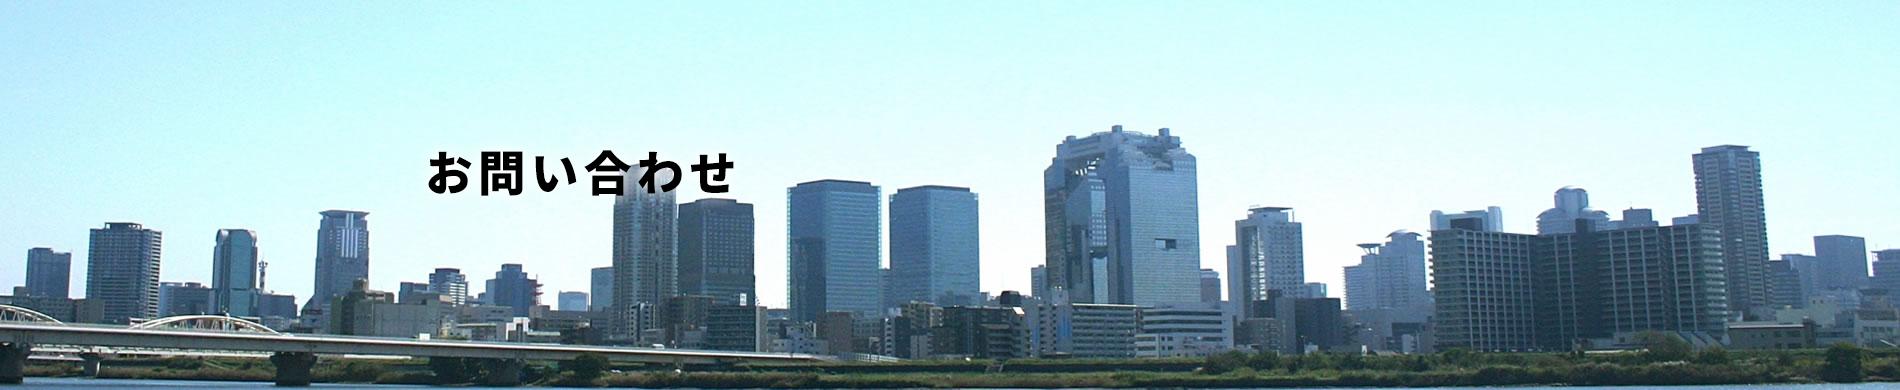 お問い合わせ - 北摂、阪神間、大阪市のマンションなら株式会社アービング